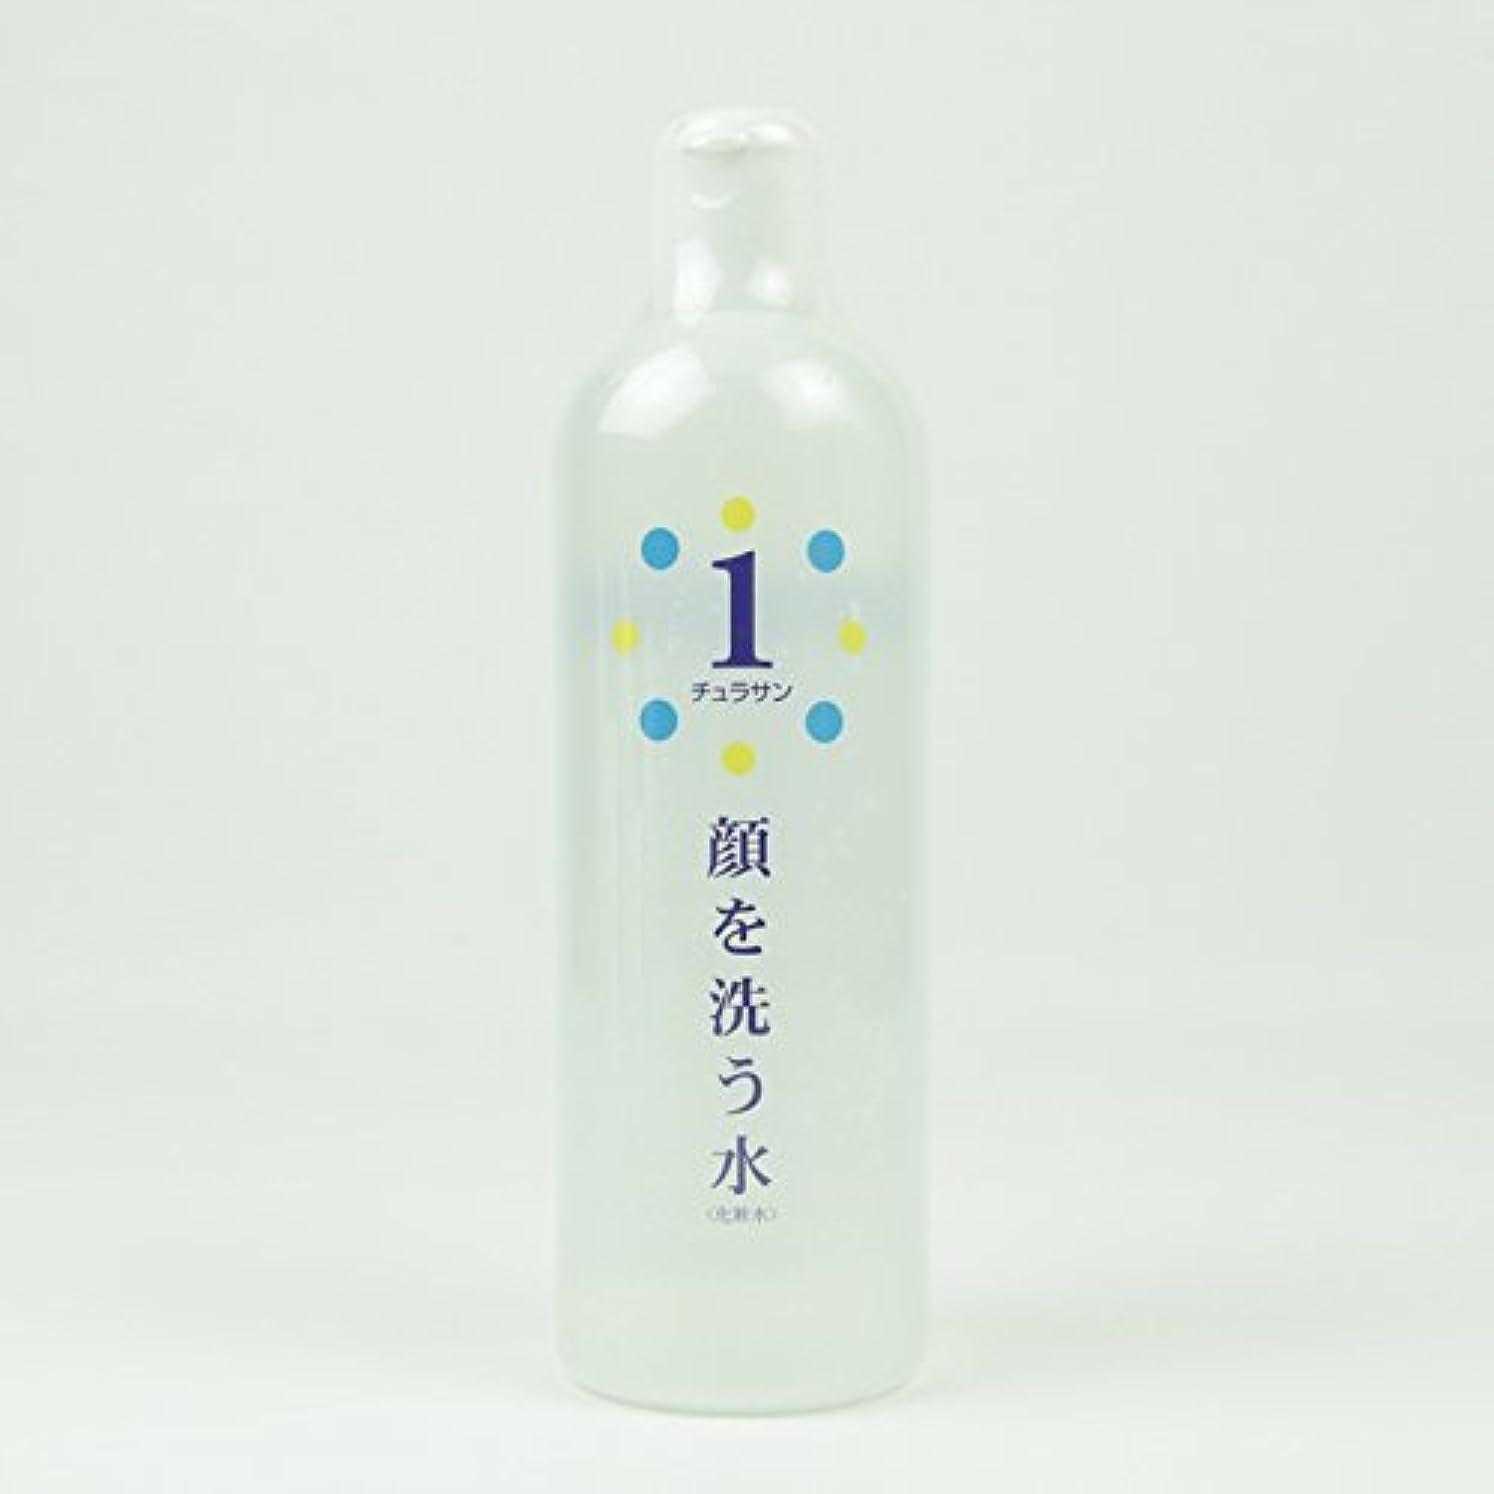 ハント整理するライフルチュラサン1 【顔を洗う水】 500ml